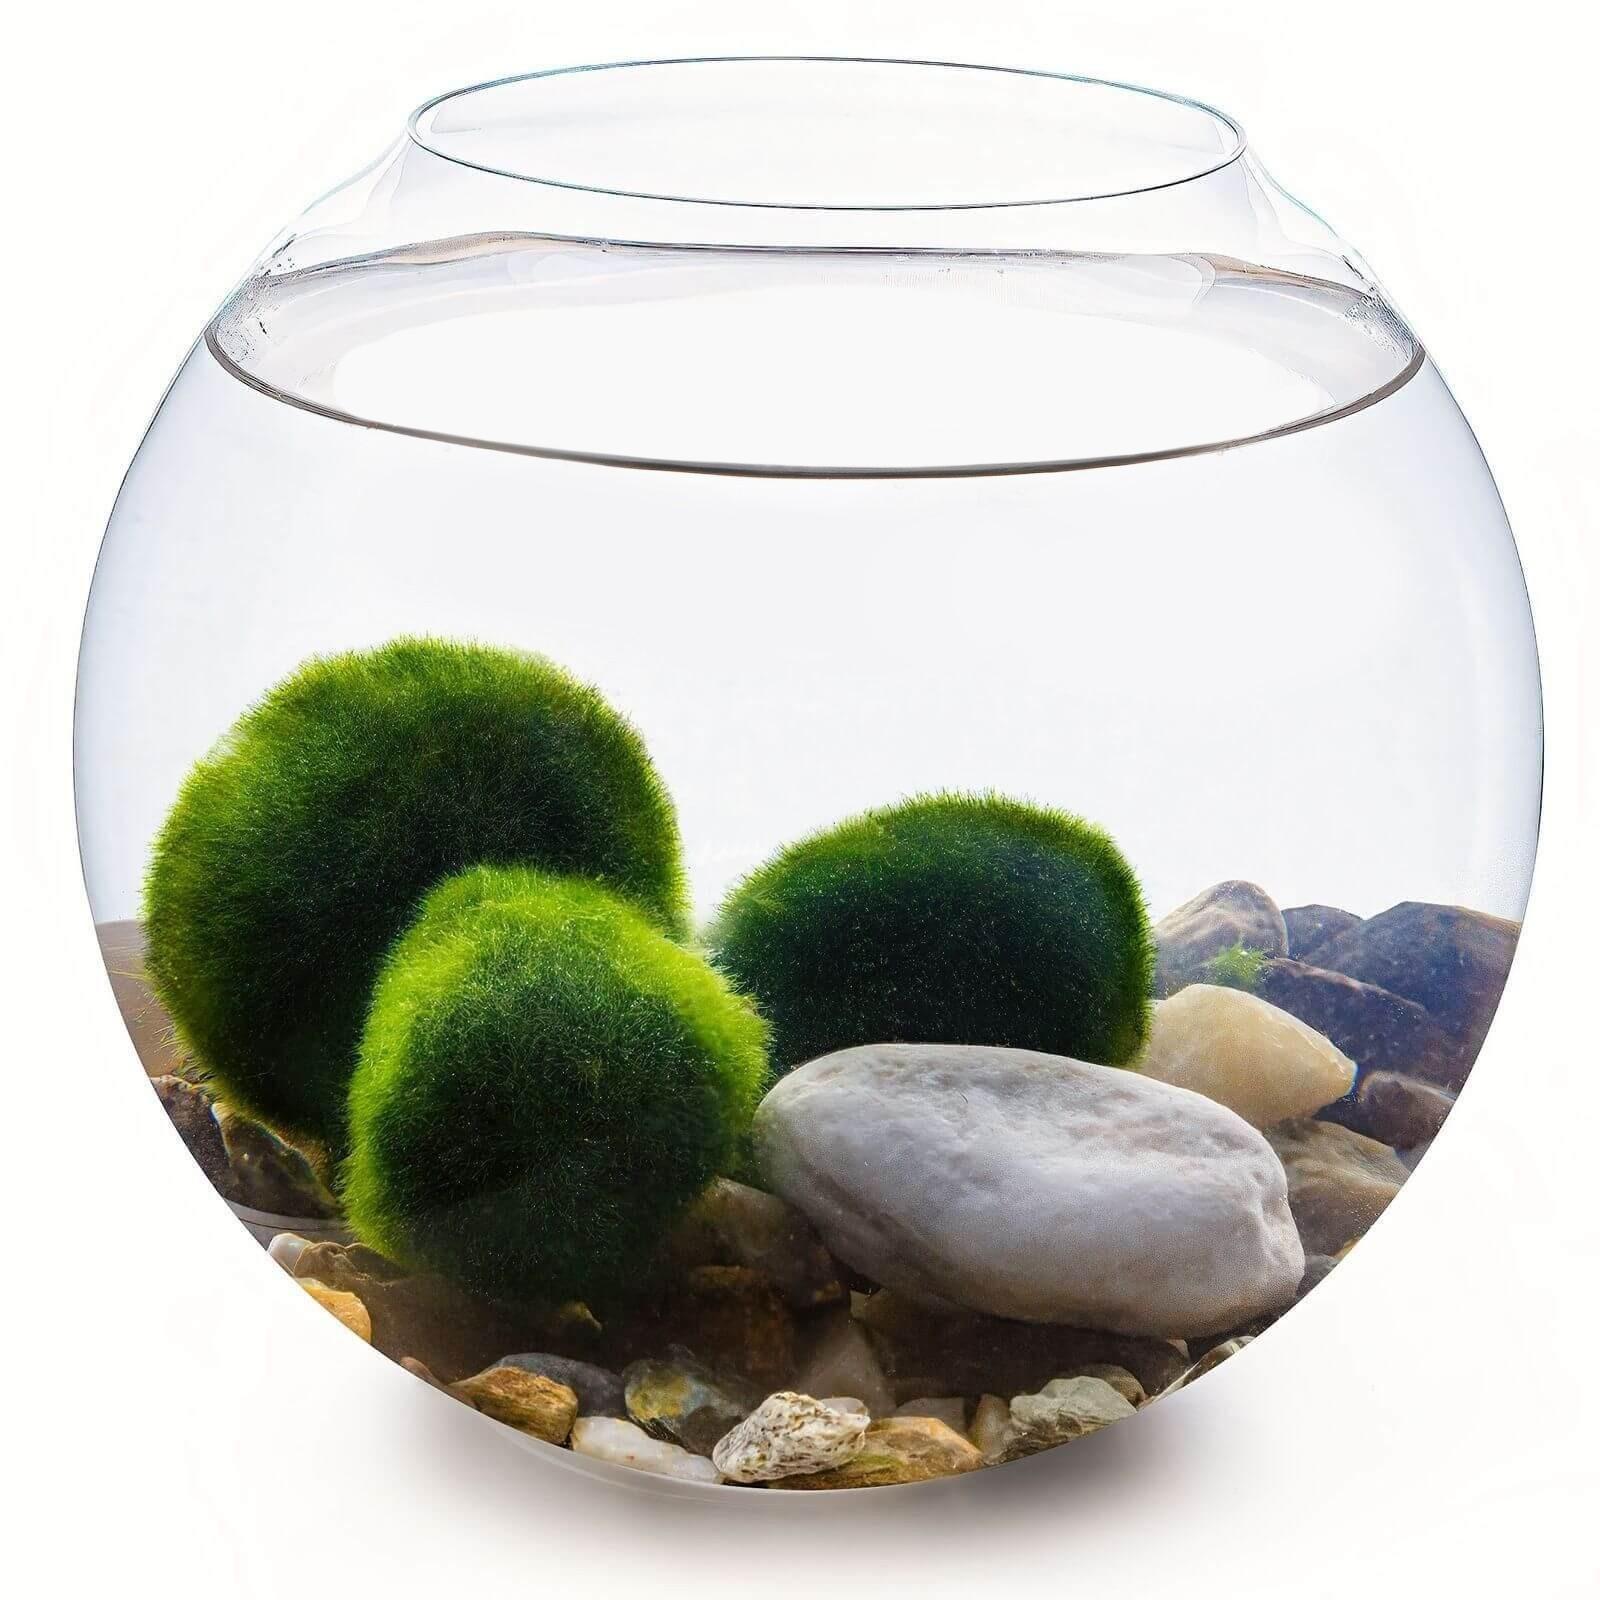 Set - kulaté akvárium 24 cm, 3 řasokoule, dekorace